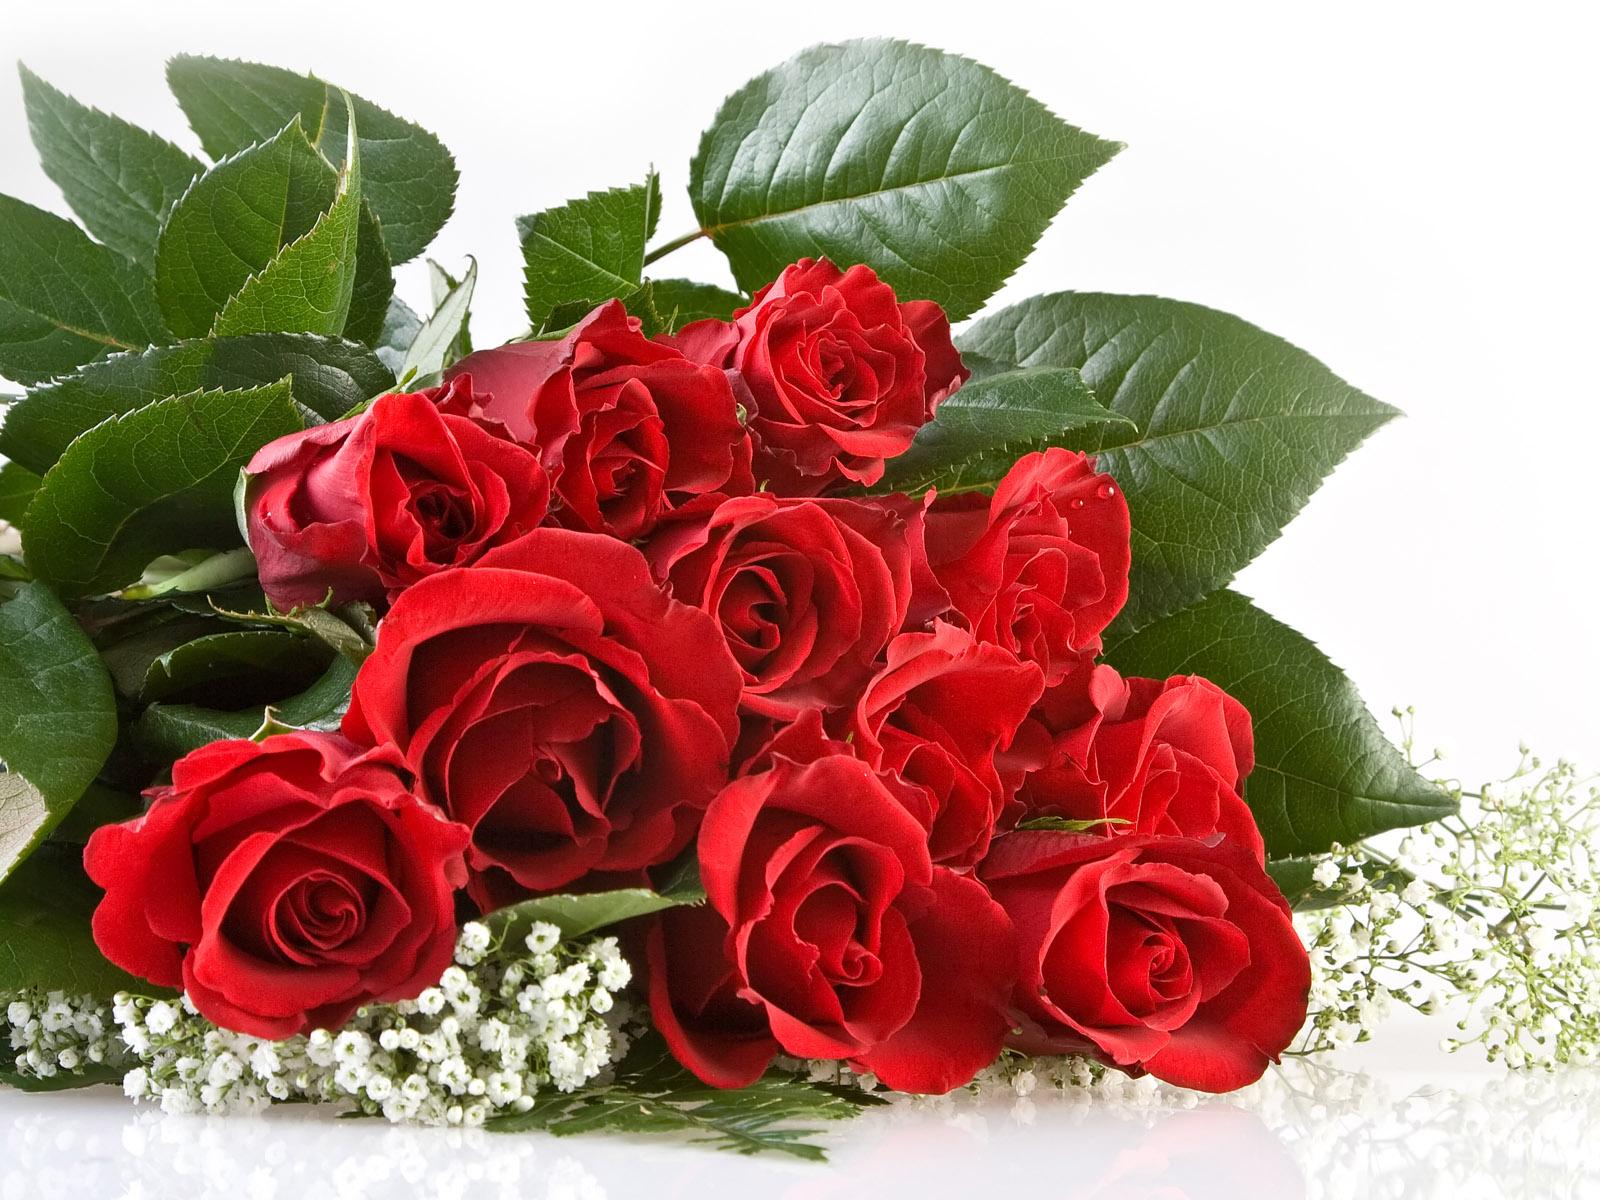 壁纸1600×1200七夕情人节99张玫瑰壁纸壁纸 七夕情人节99张玫瑰壁纸壁纸图片其他壁纸其他图片素材桌面壁纸